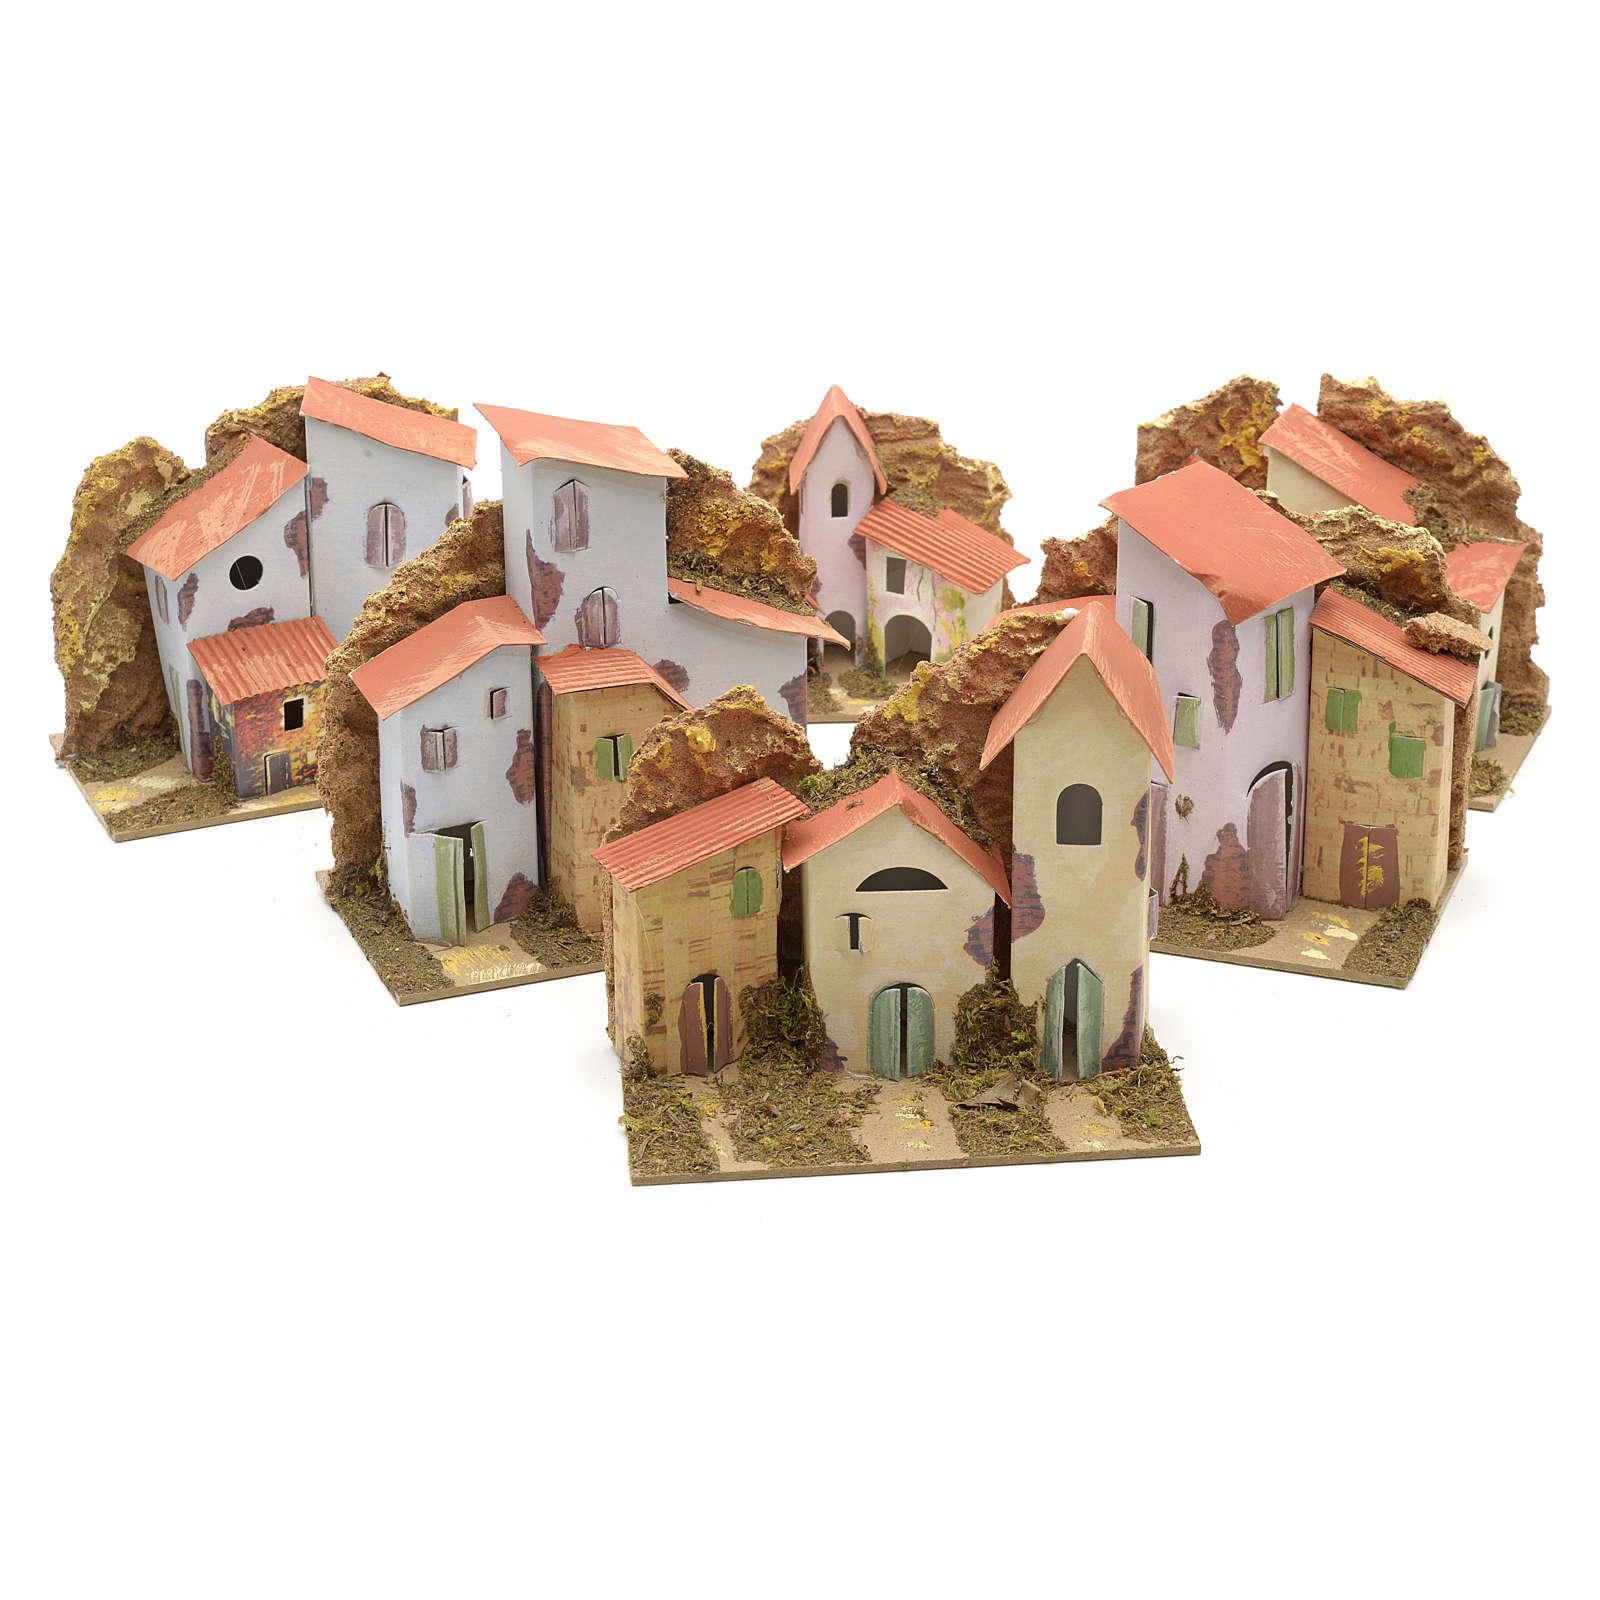 Casa 15x10 cm per presepe 4